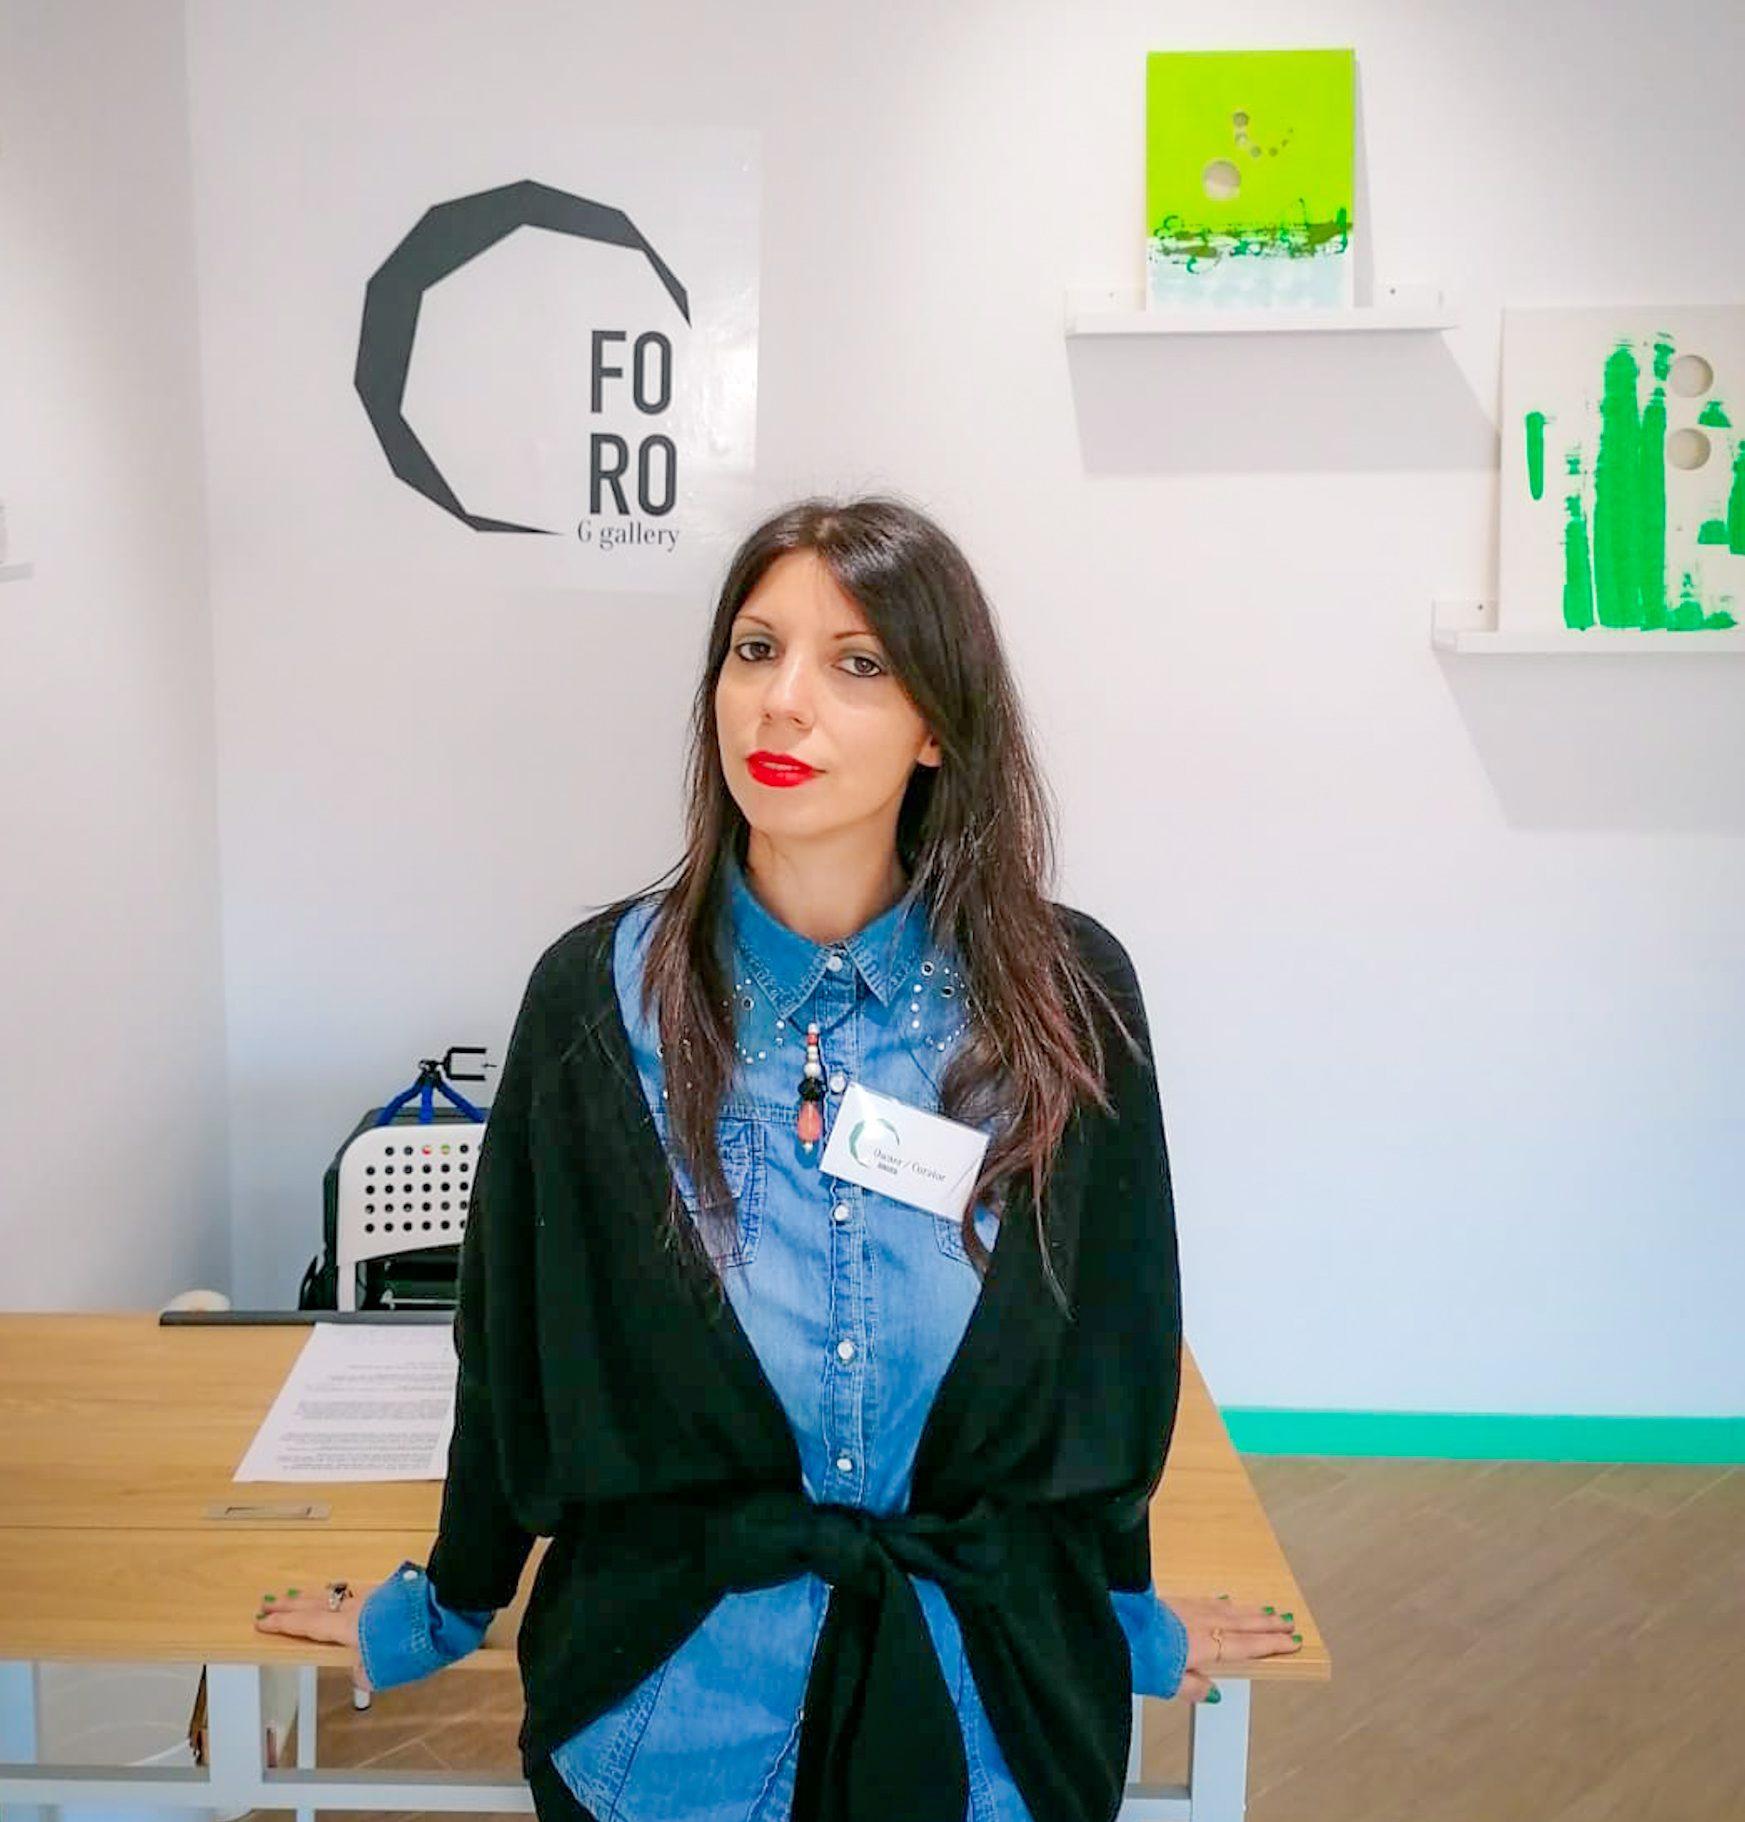 roberta guarnera nella sua galleria d'arte a messina, la FoRo Gallery